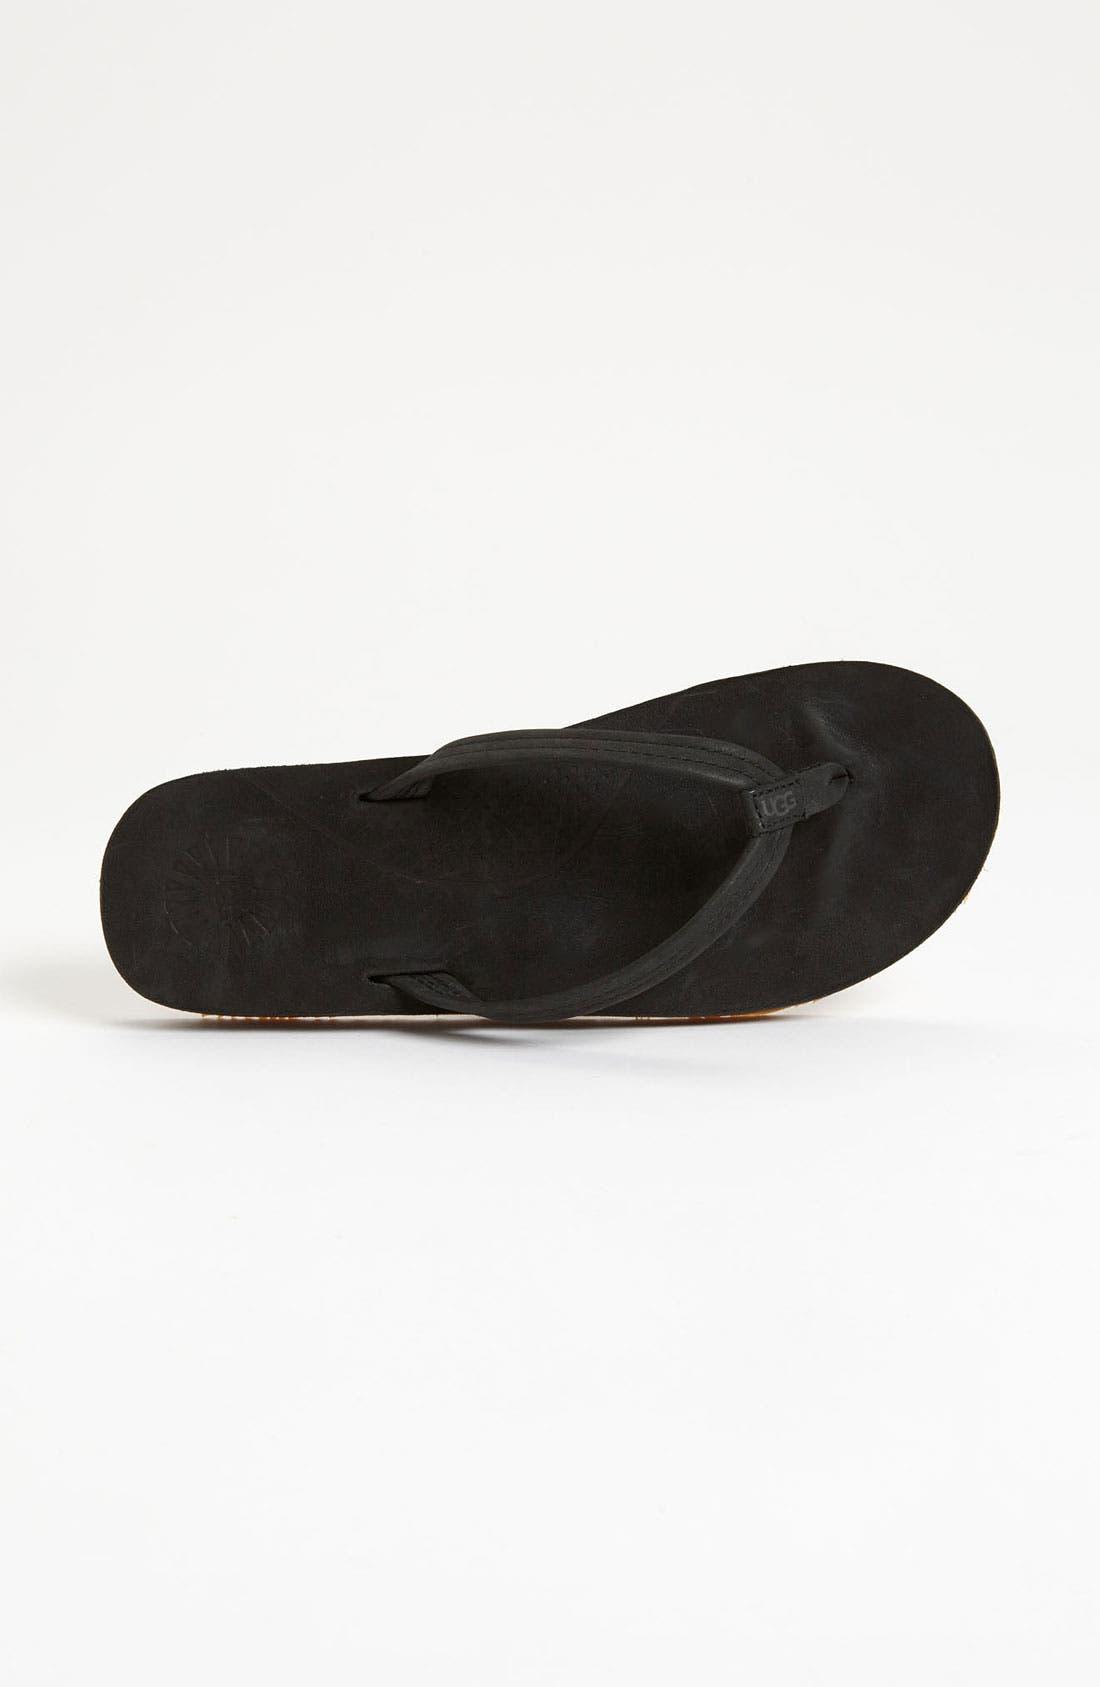 Alternate Image 3  - UGG® 'Kayla' Thong Sandal (Women)